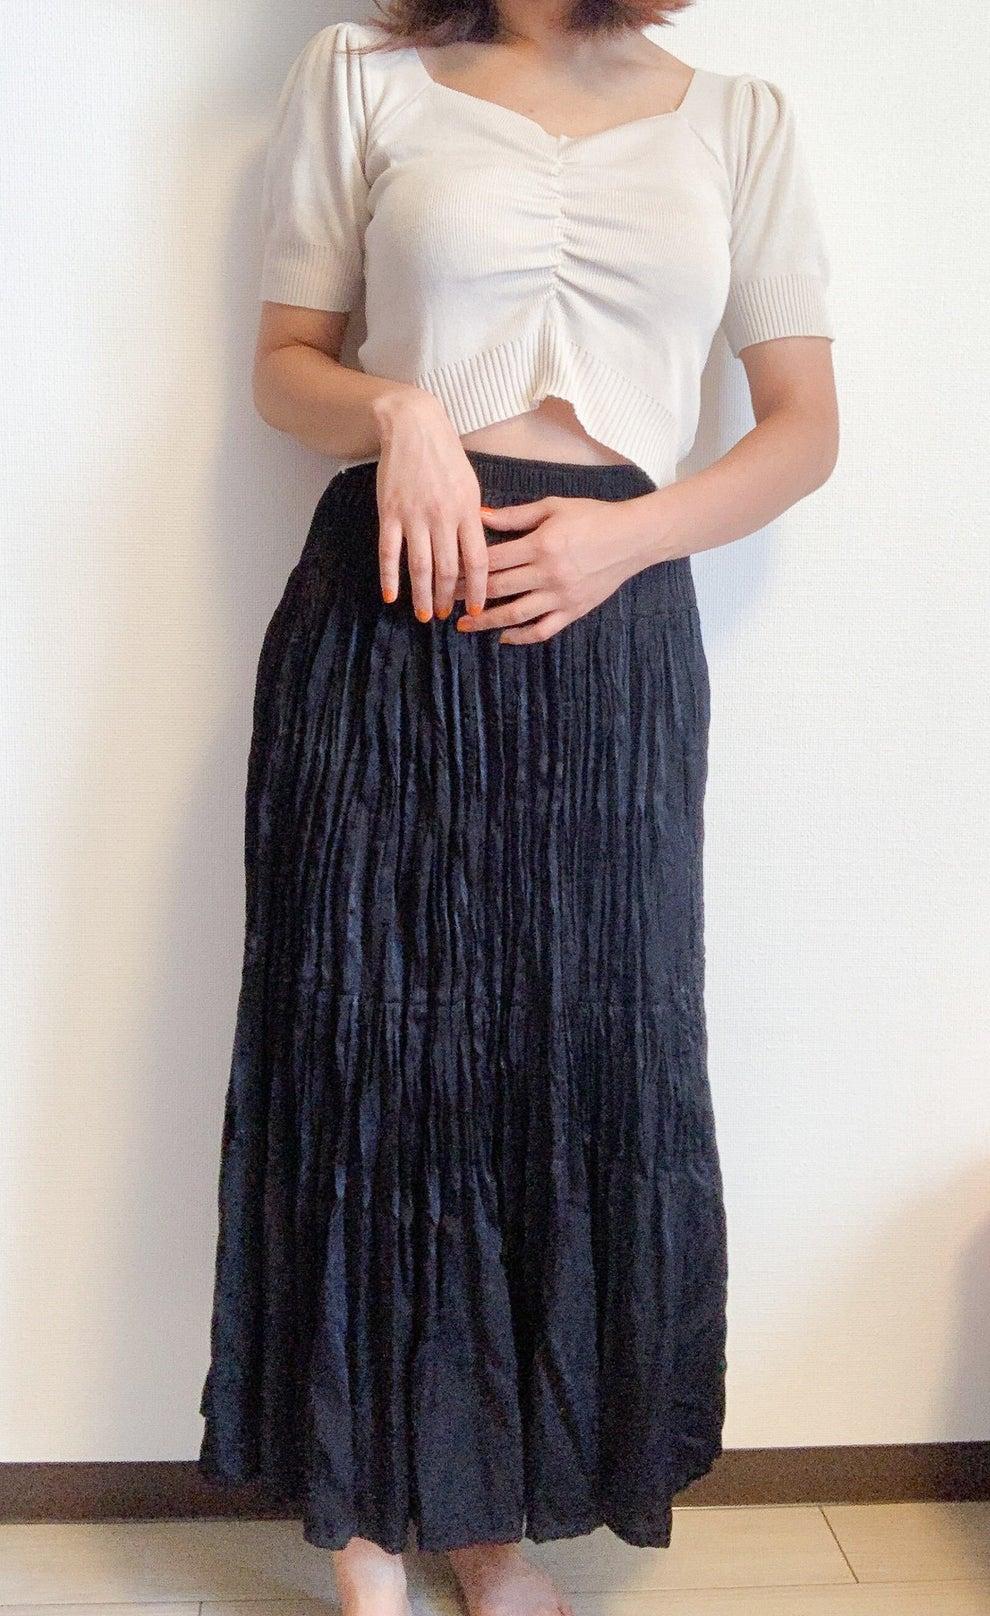 ユニクロ スカート